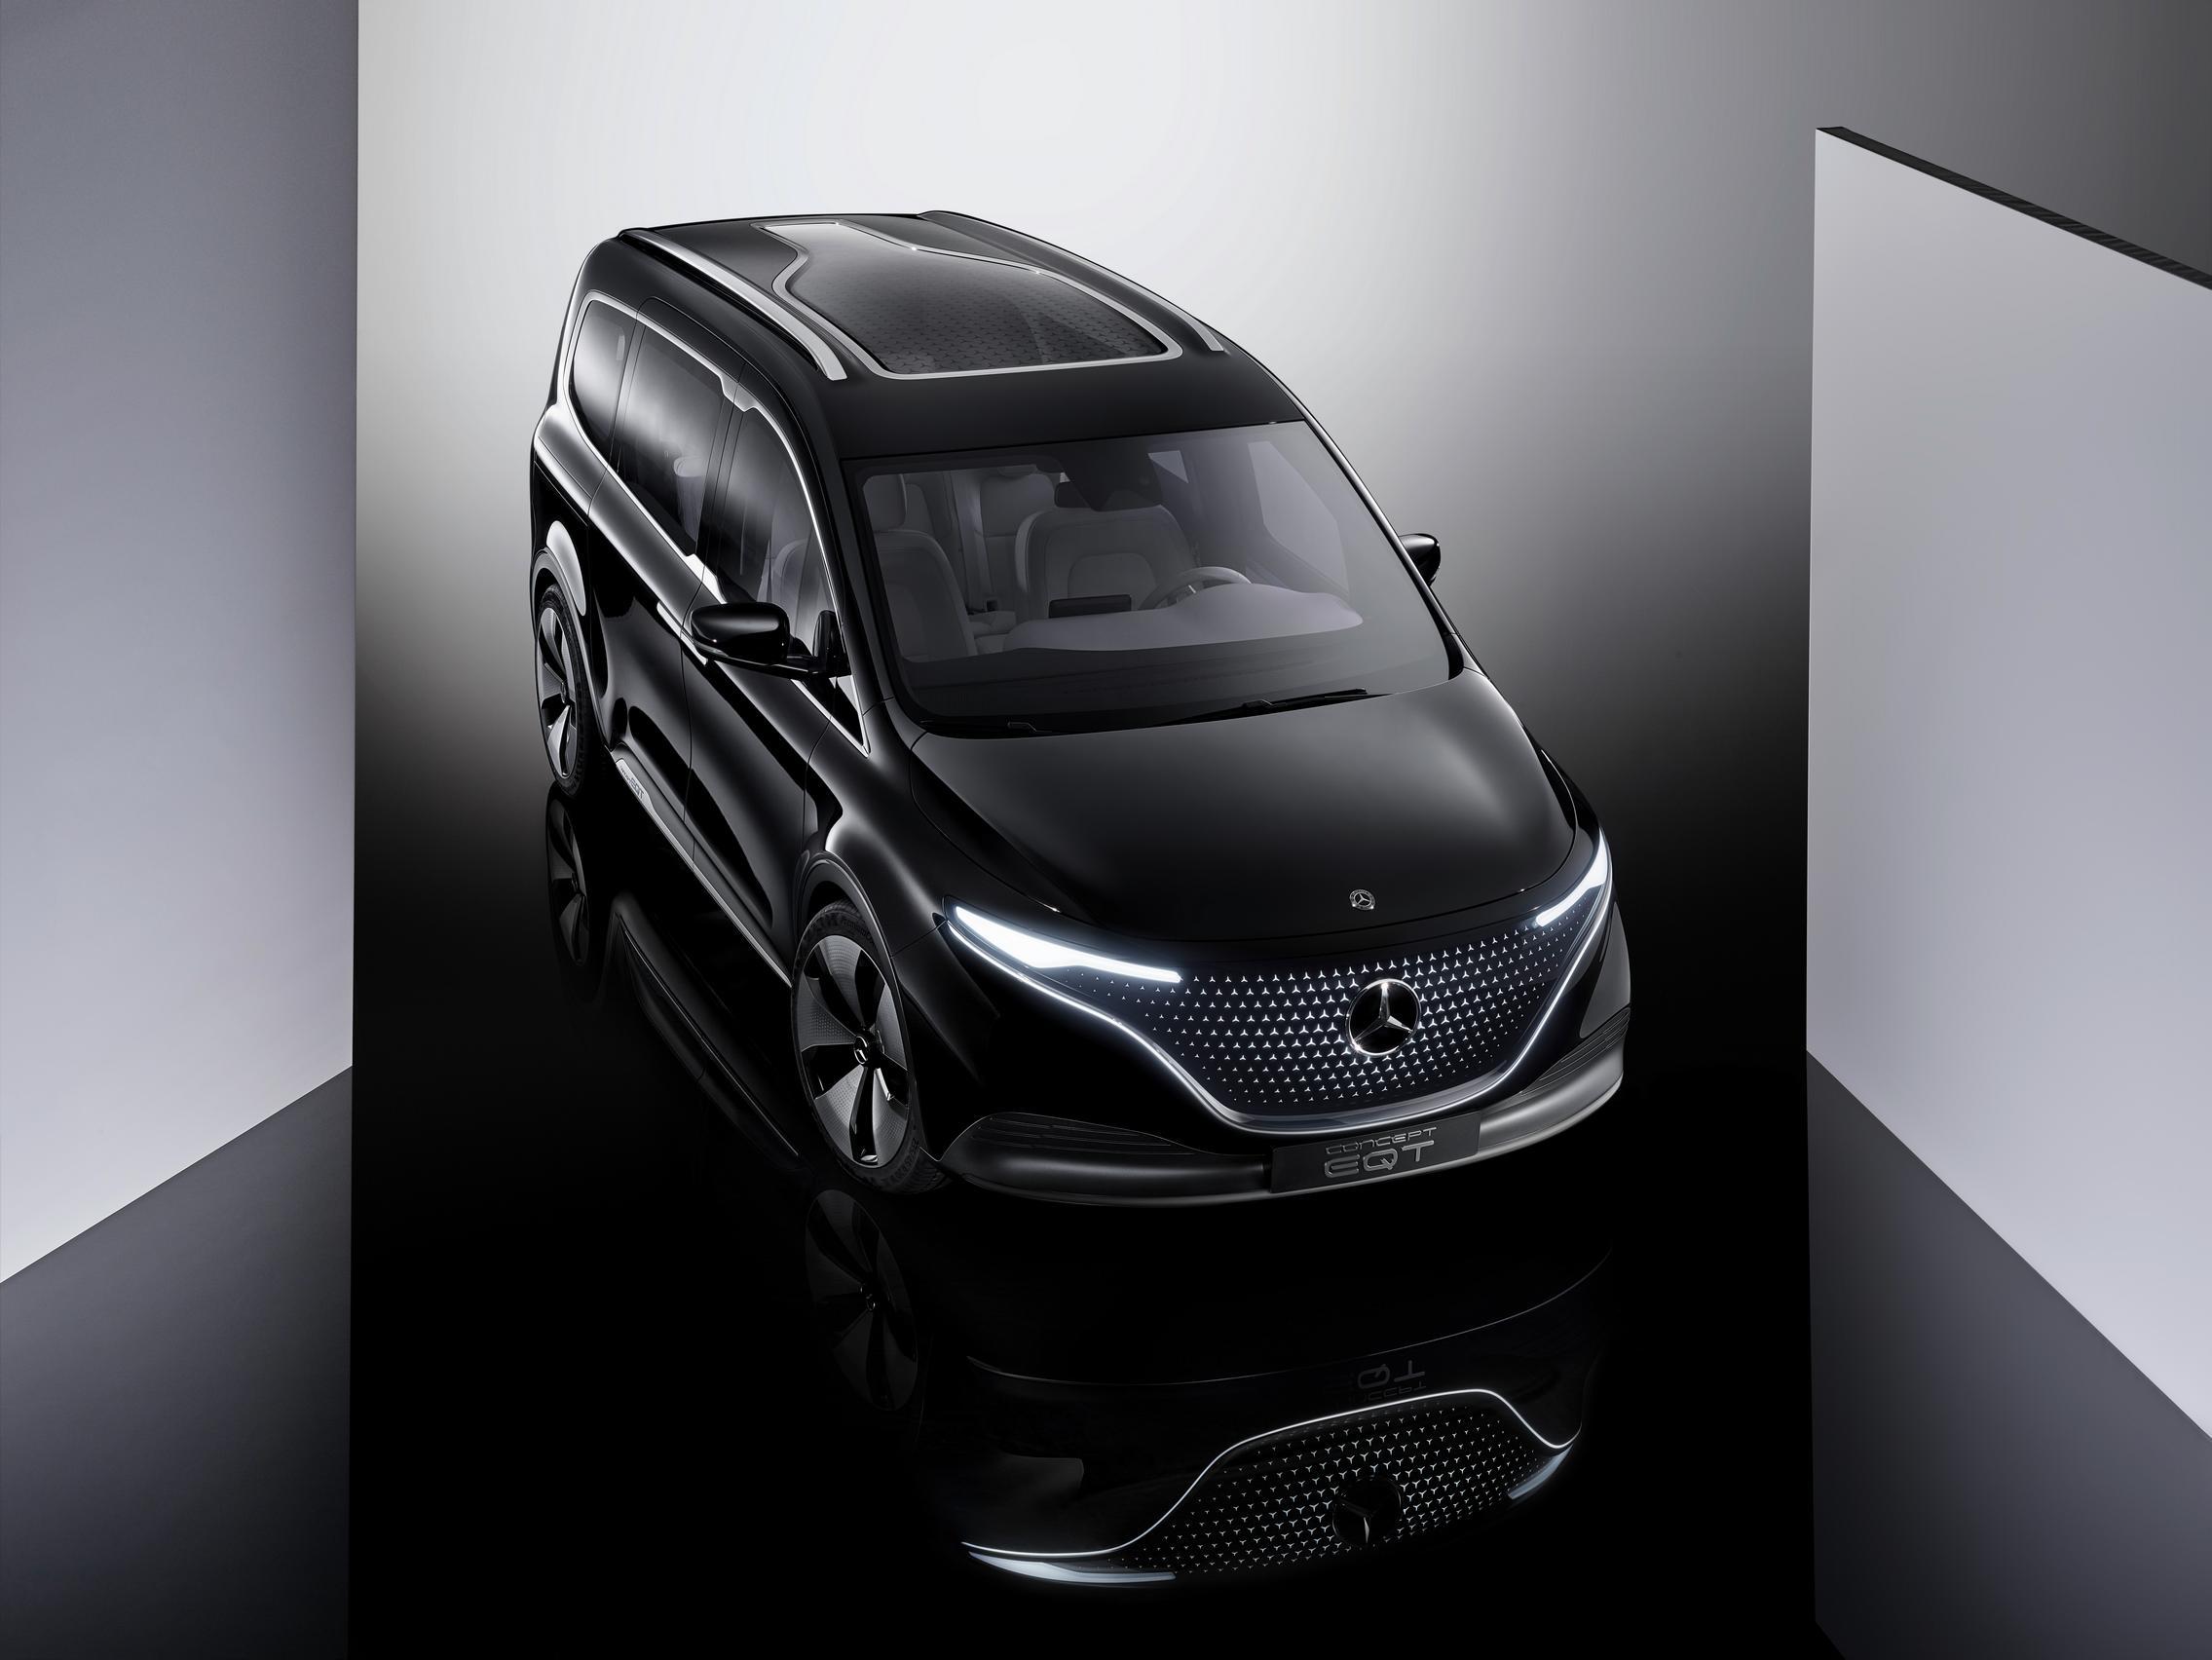 2022 Mercedes-Benz EQT Concept